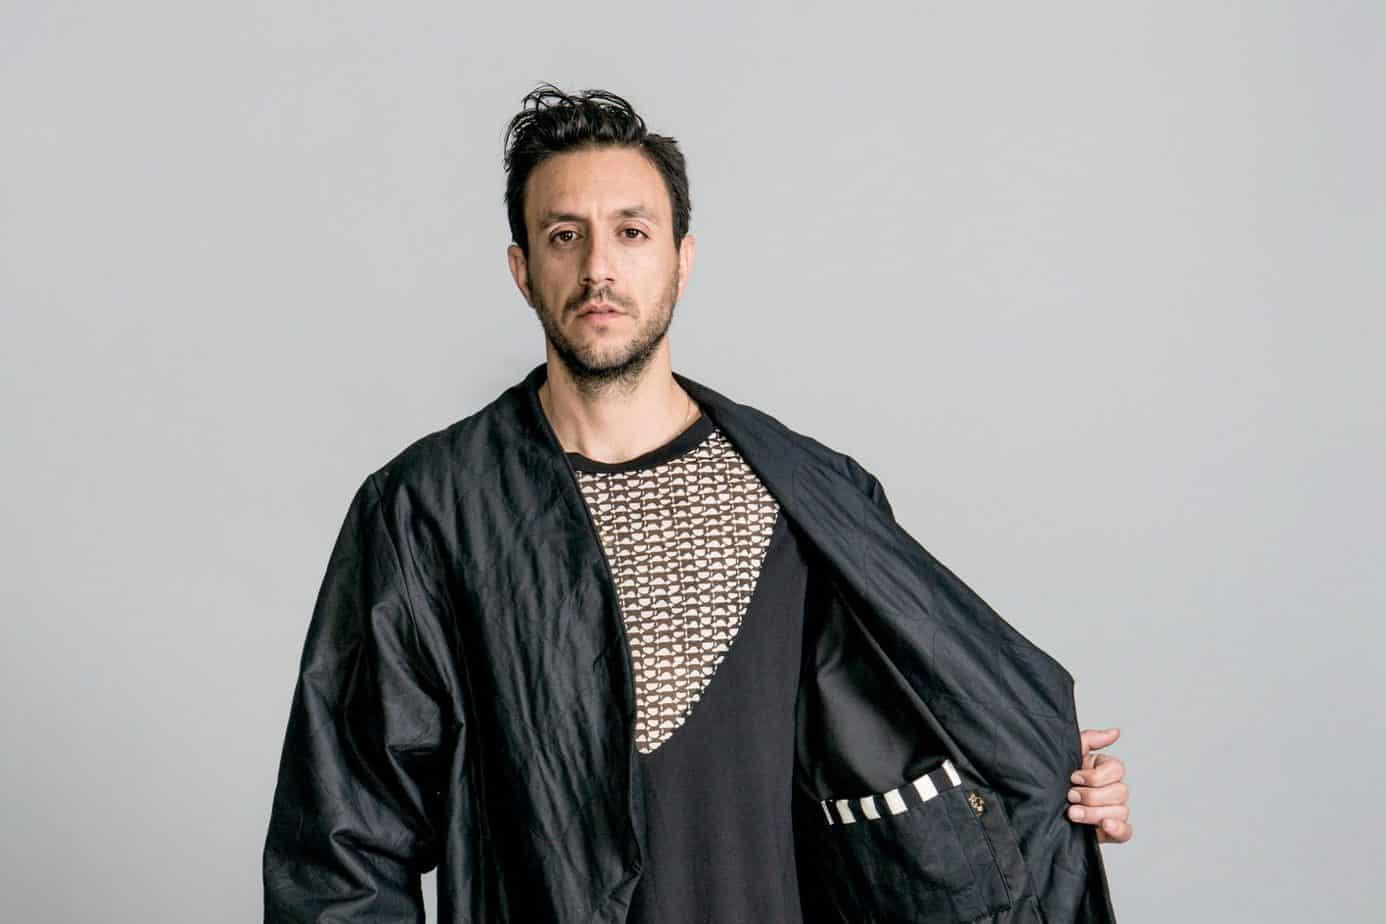 מעוז דהאן. צילום איתי תורגמן, אופנה, חדשות אופנה, כתבות אופנה, Fashiom Magazine, Fashion, Efifo ,מגזין אופנה, מגזין אופנה ישראלי, מגזיני אופנה ישראלים